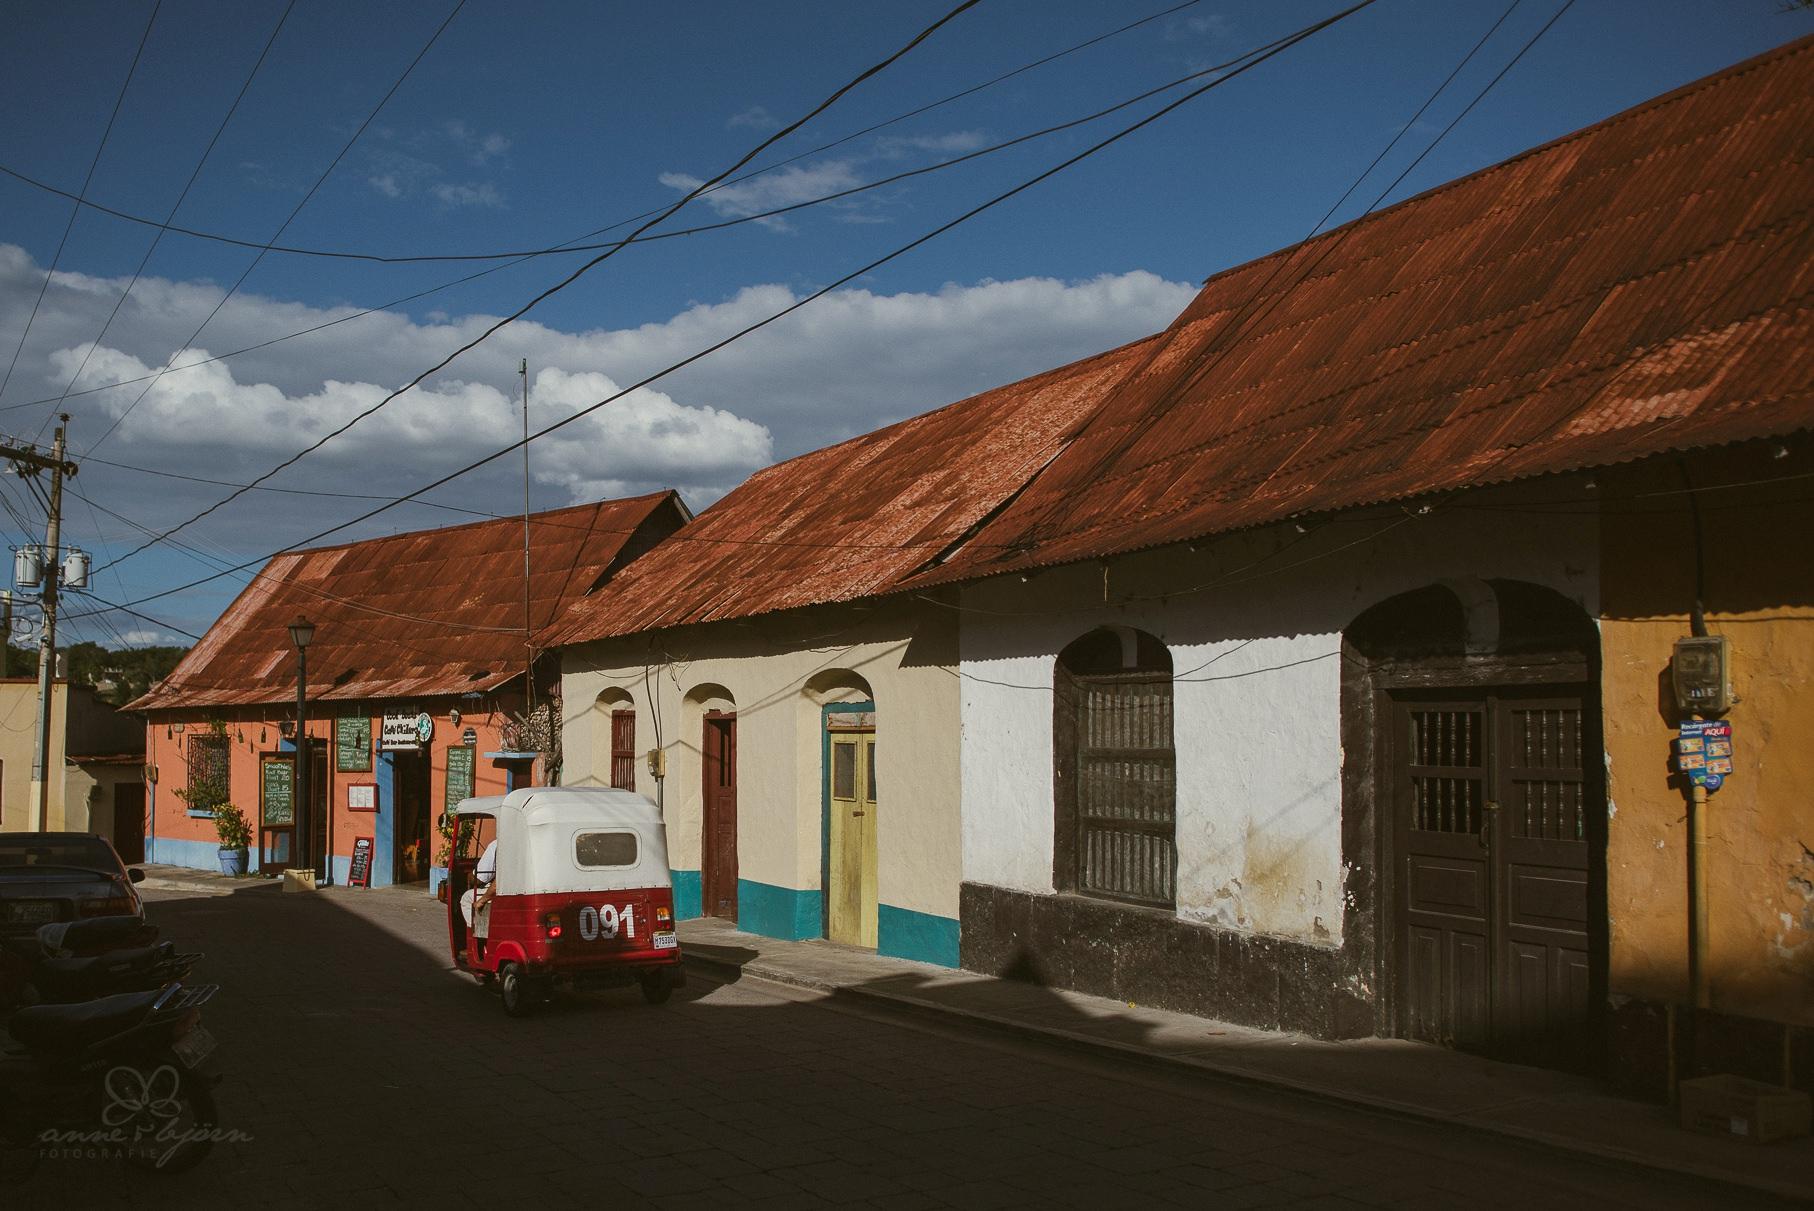 0200 anne und bjoern guatemala 811 4148 - 4 Wochen durch Guatemala - backpacking durch Mittelamerika